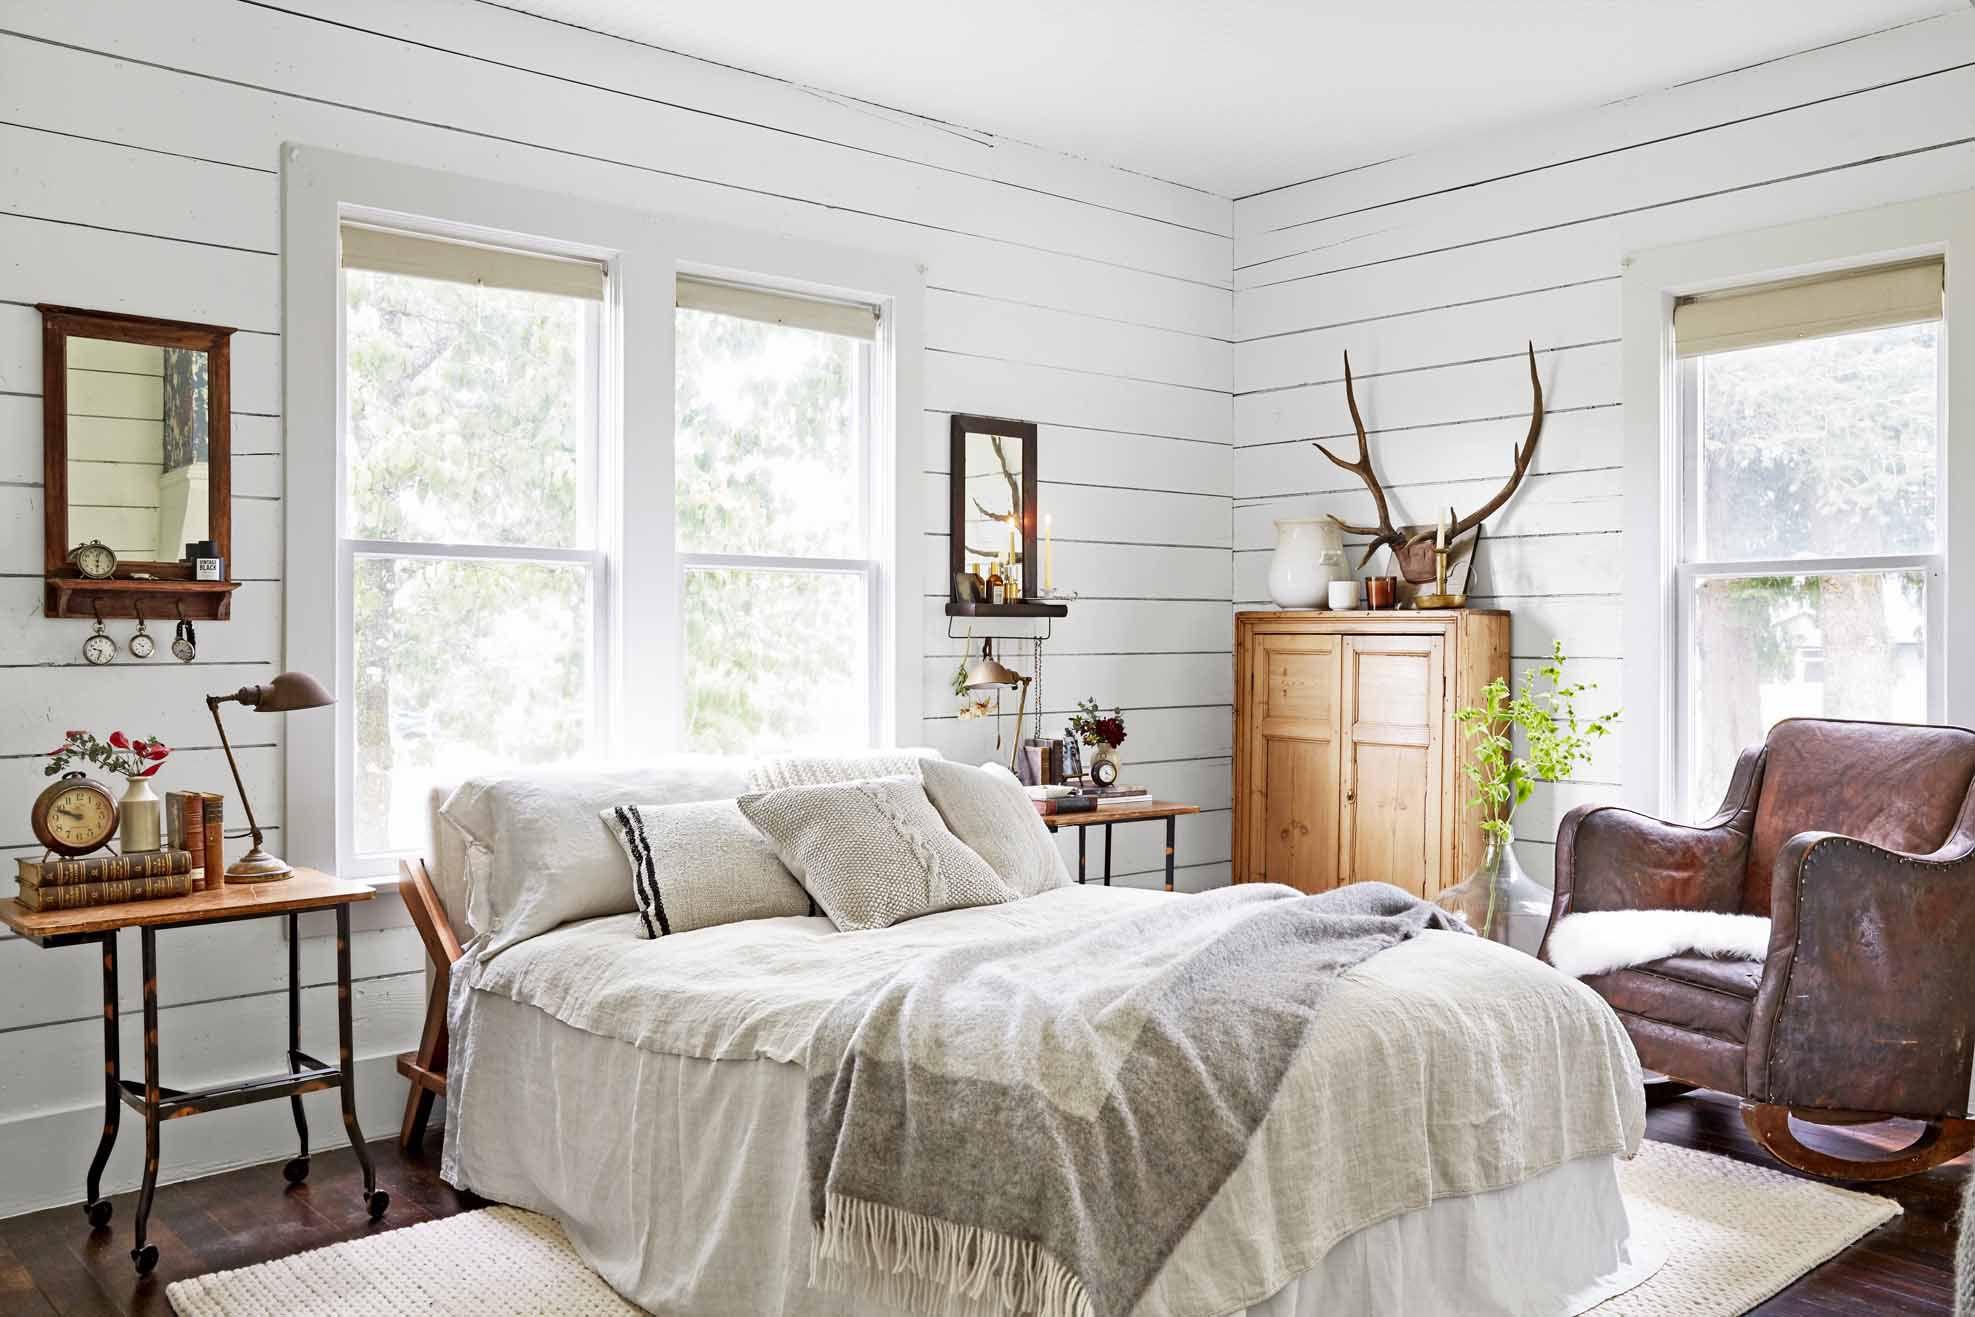 1490298901-white-bedroom-02.jpg